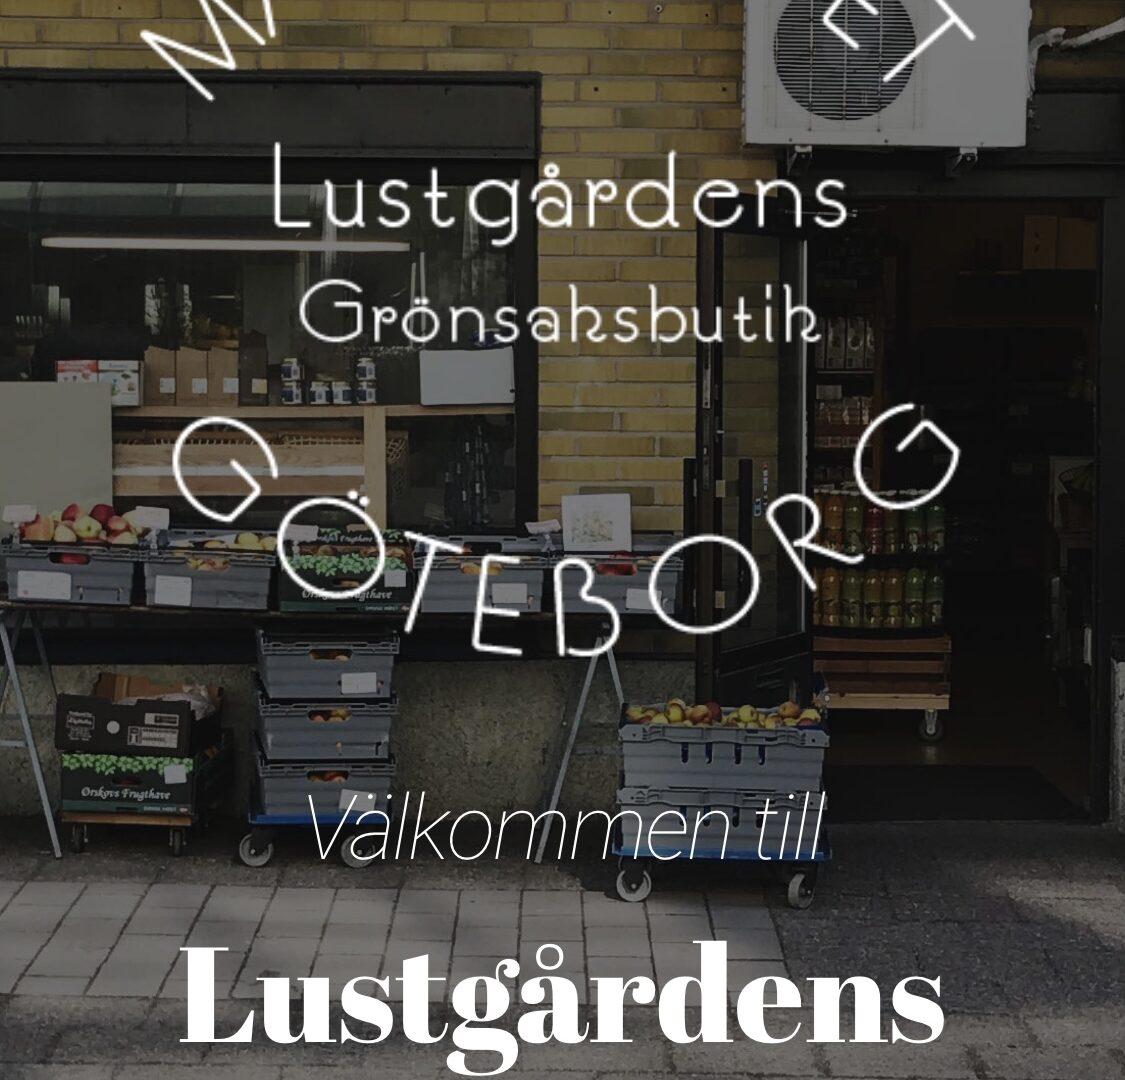 Lustgårdens Grönsaksbutik